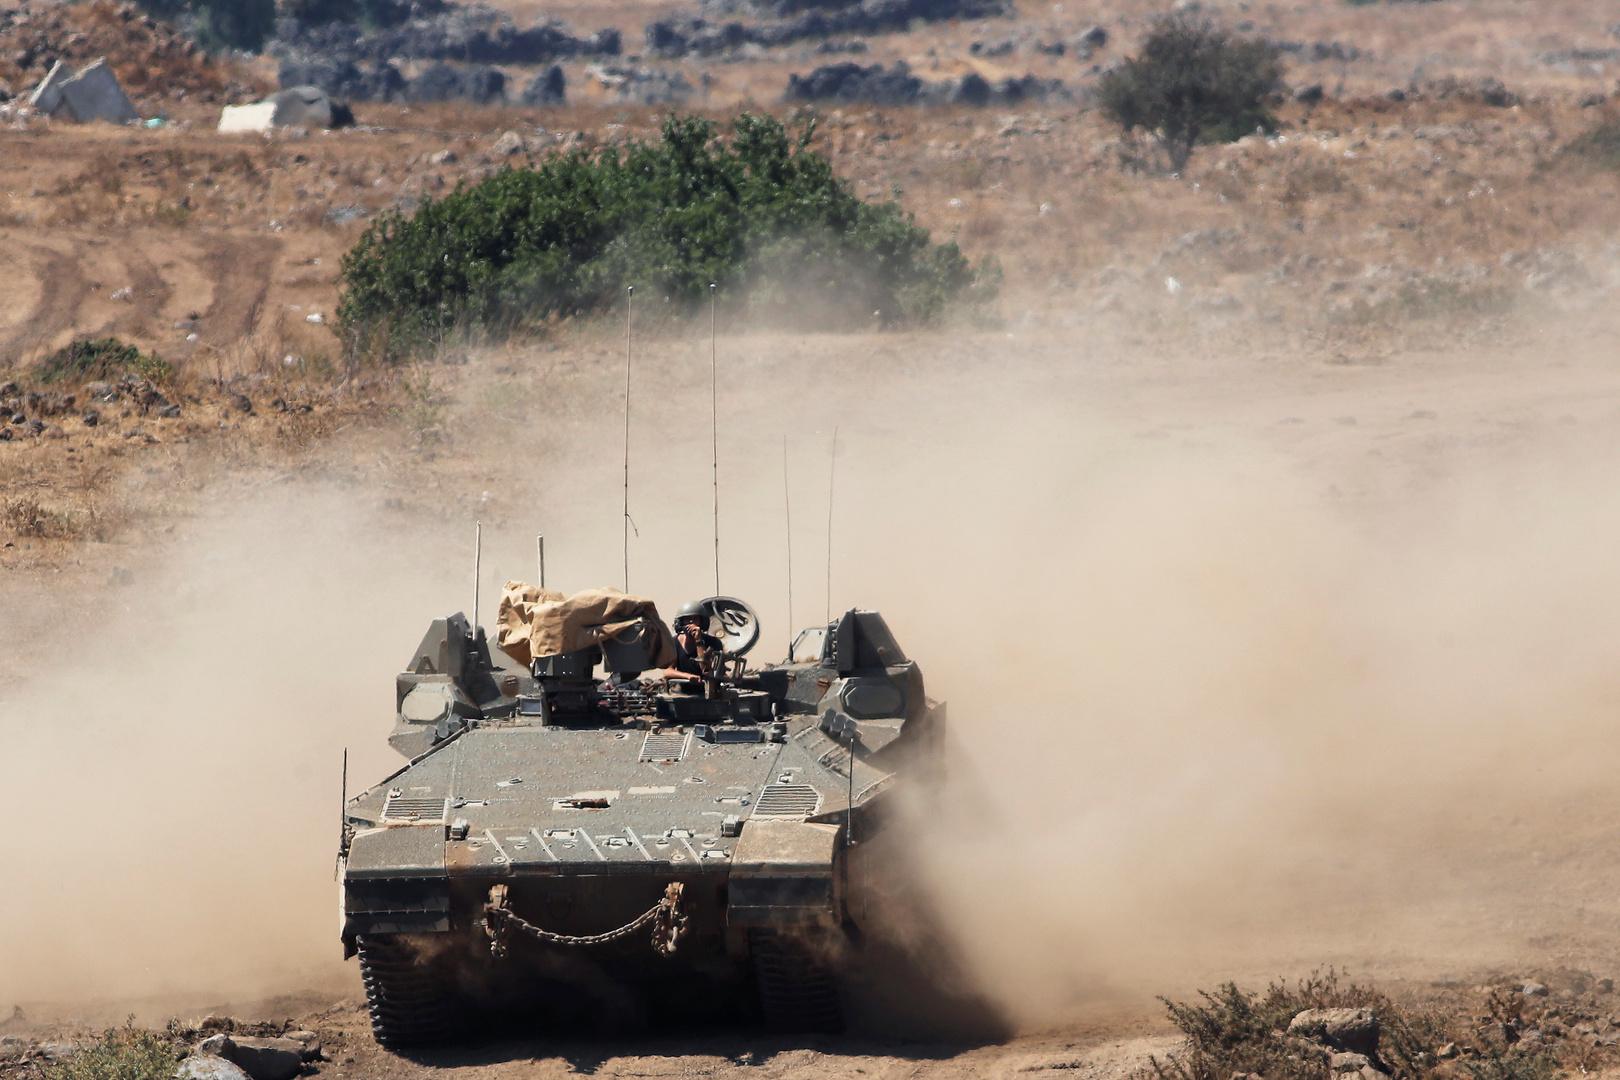 آلية عسكرية تابعة للجيش الإسرائيلي، صورة أرشيفية